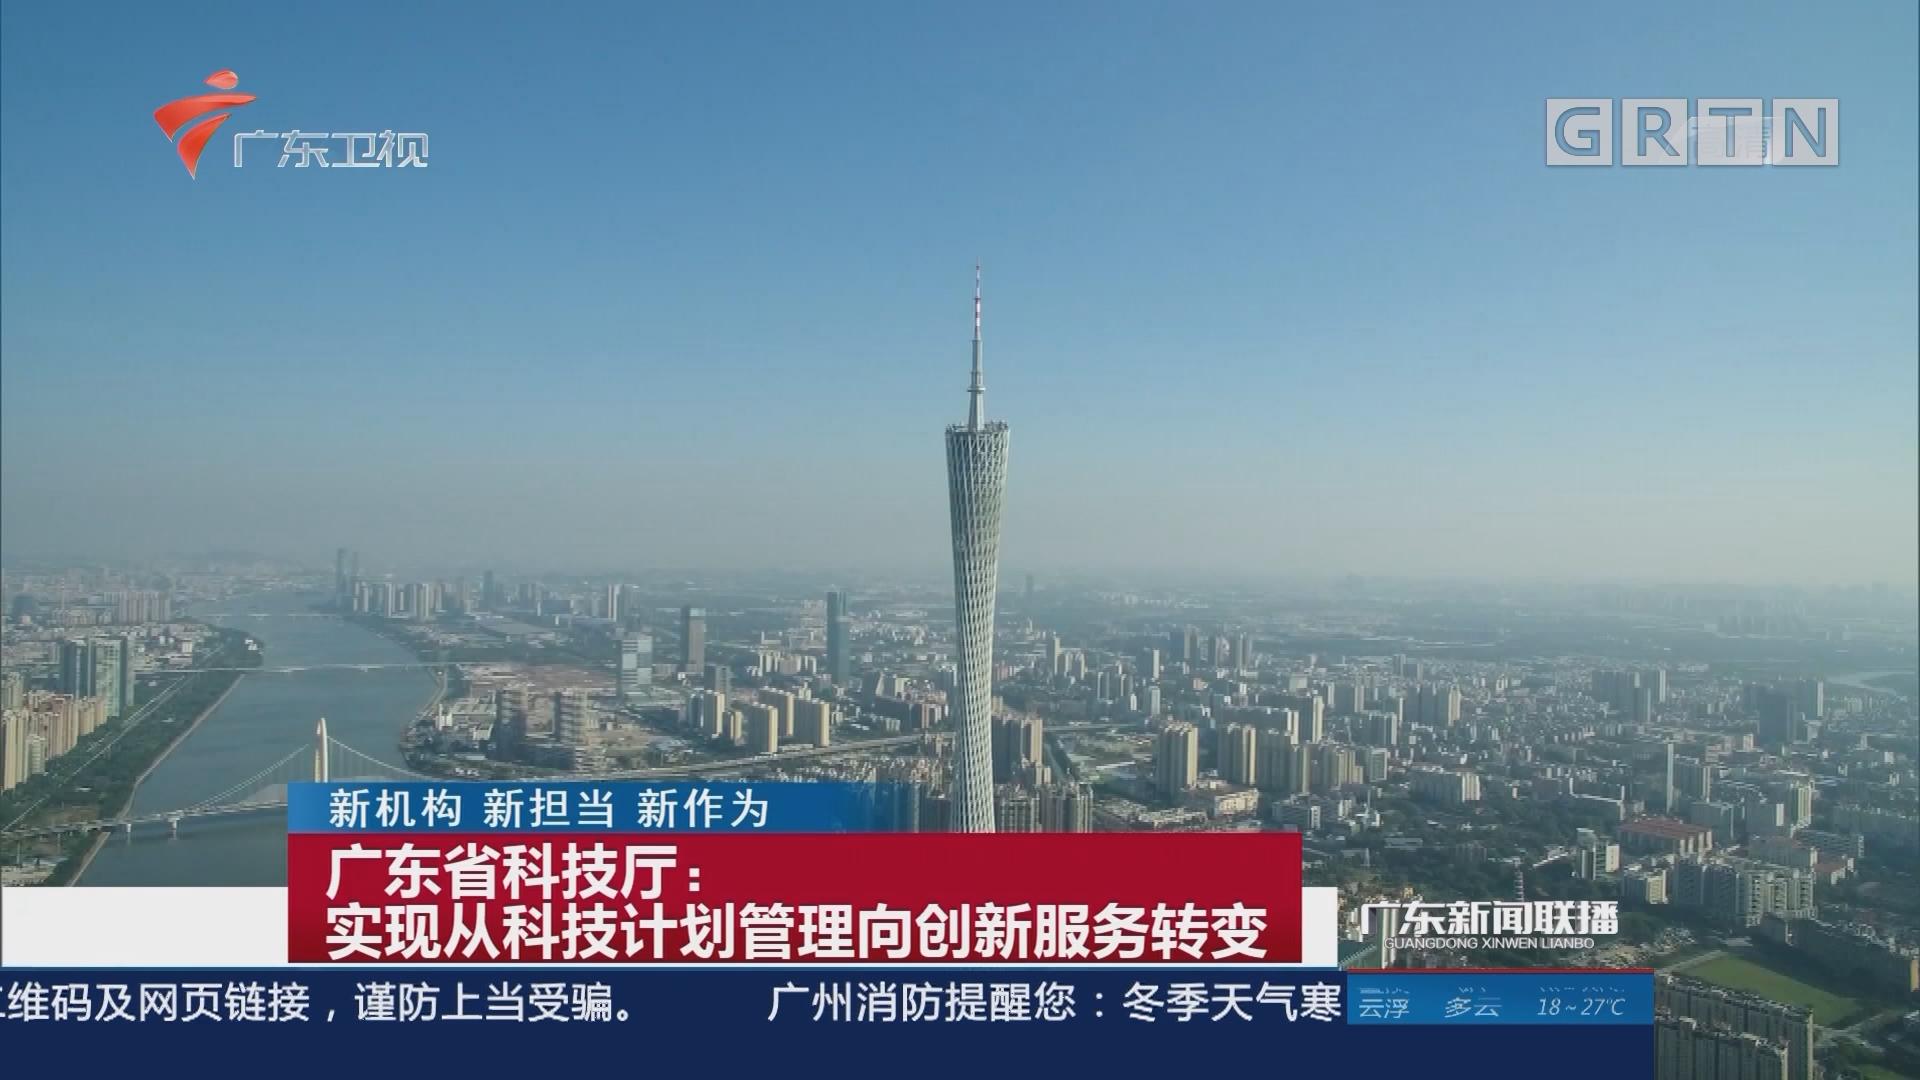 广东省科技厅:实现从科技计划管理向创新服务转变